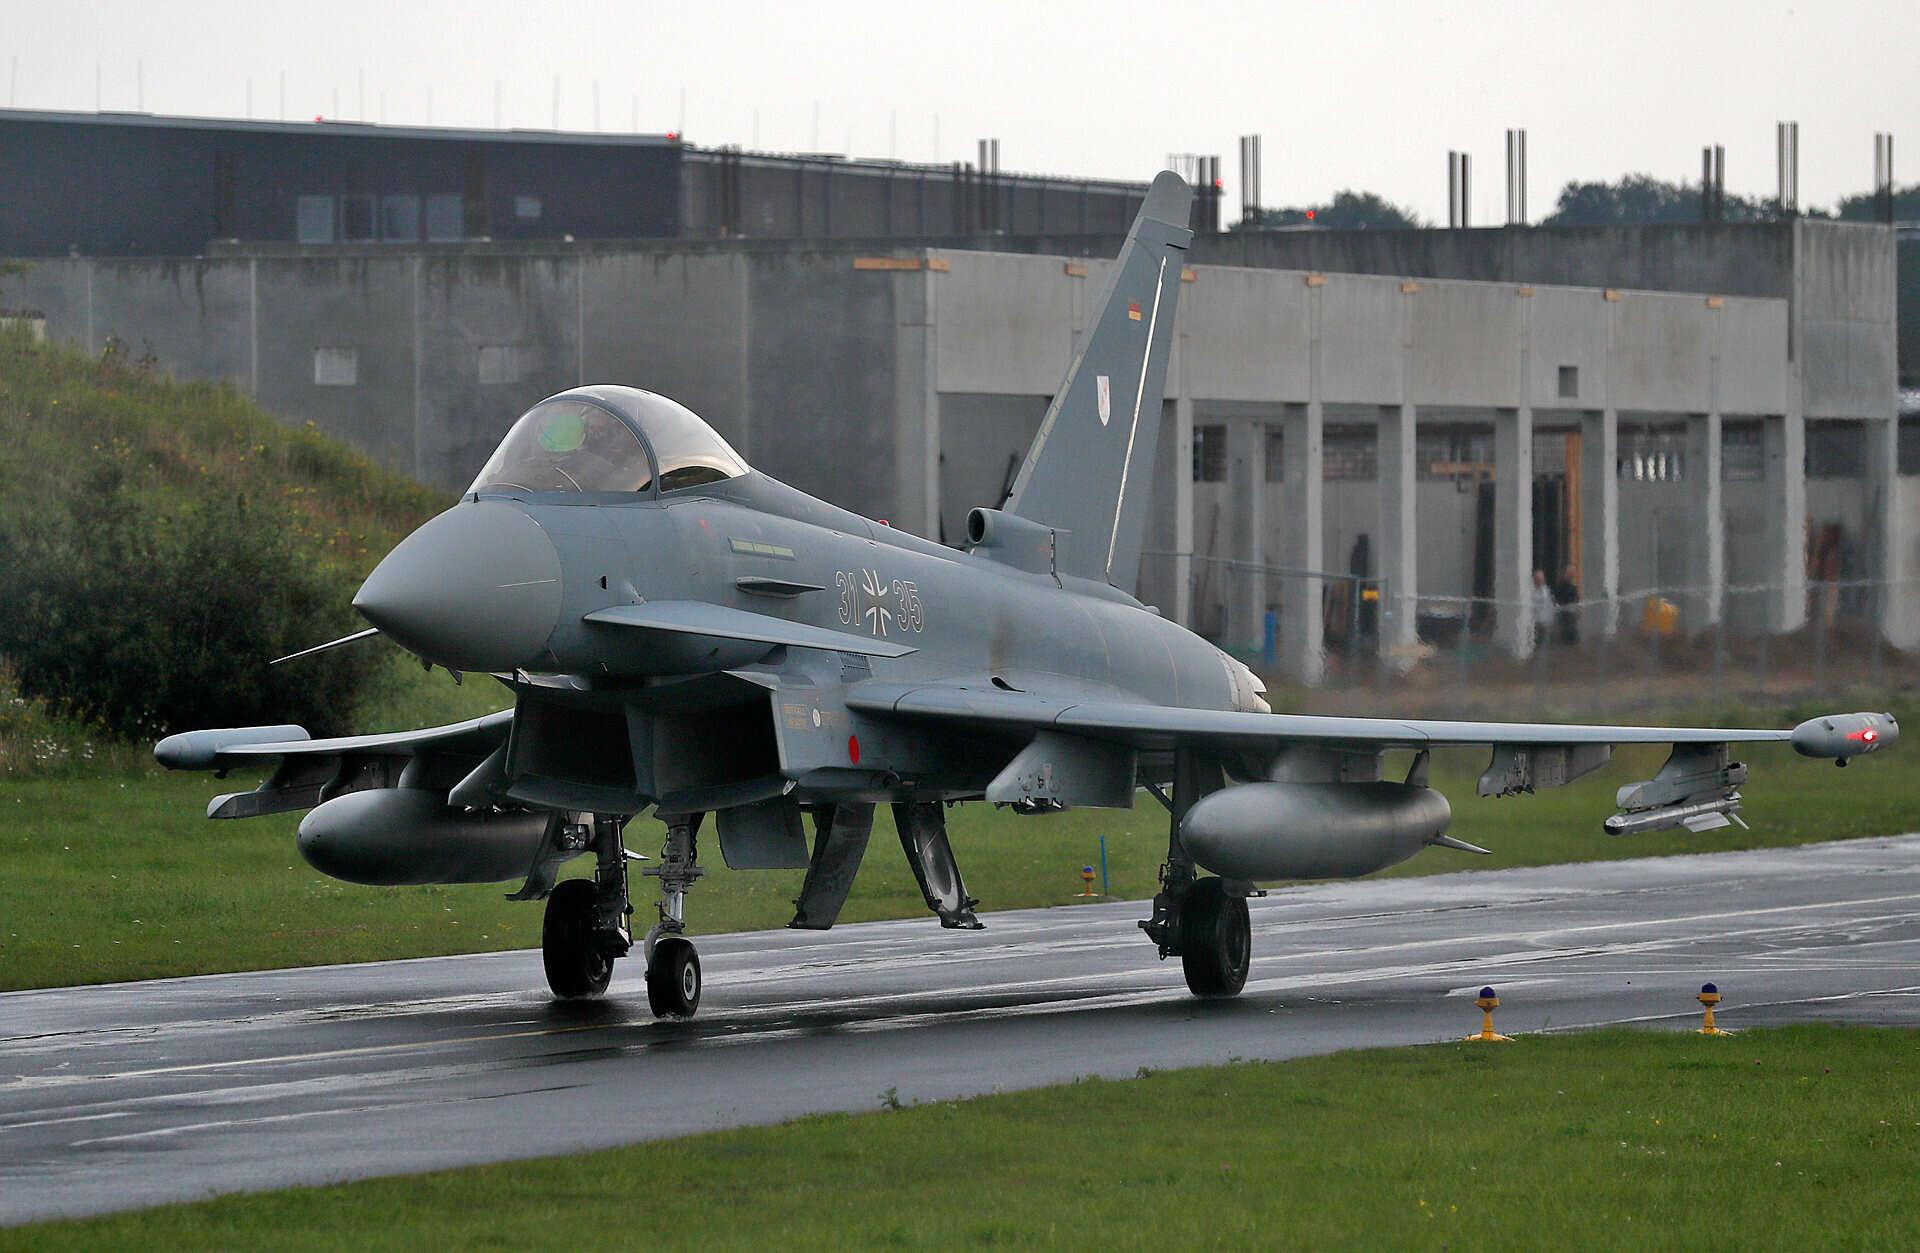 אירוע חריג בגרמניה: מטוסי קרב התנגשו